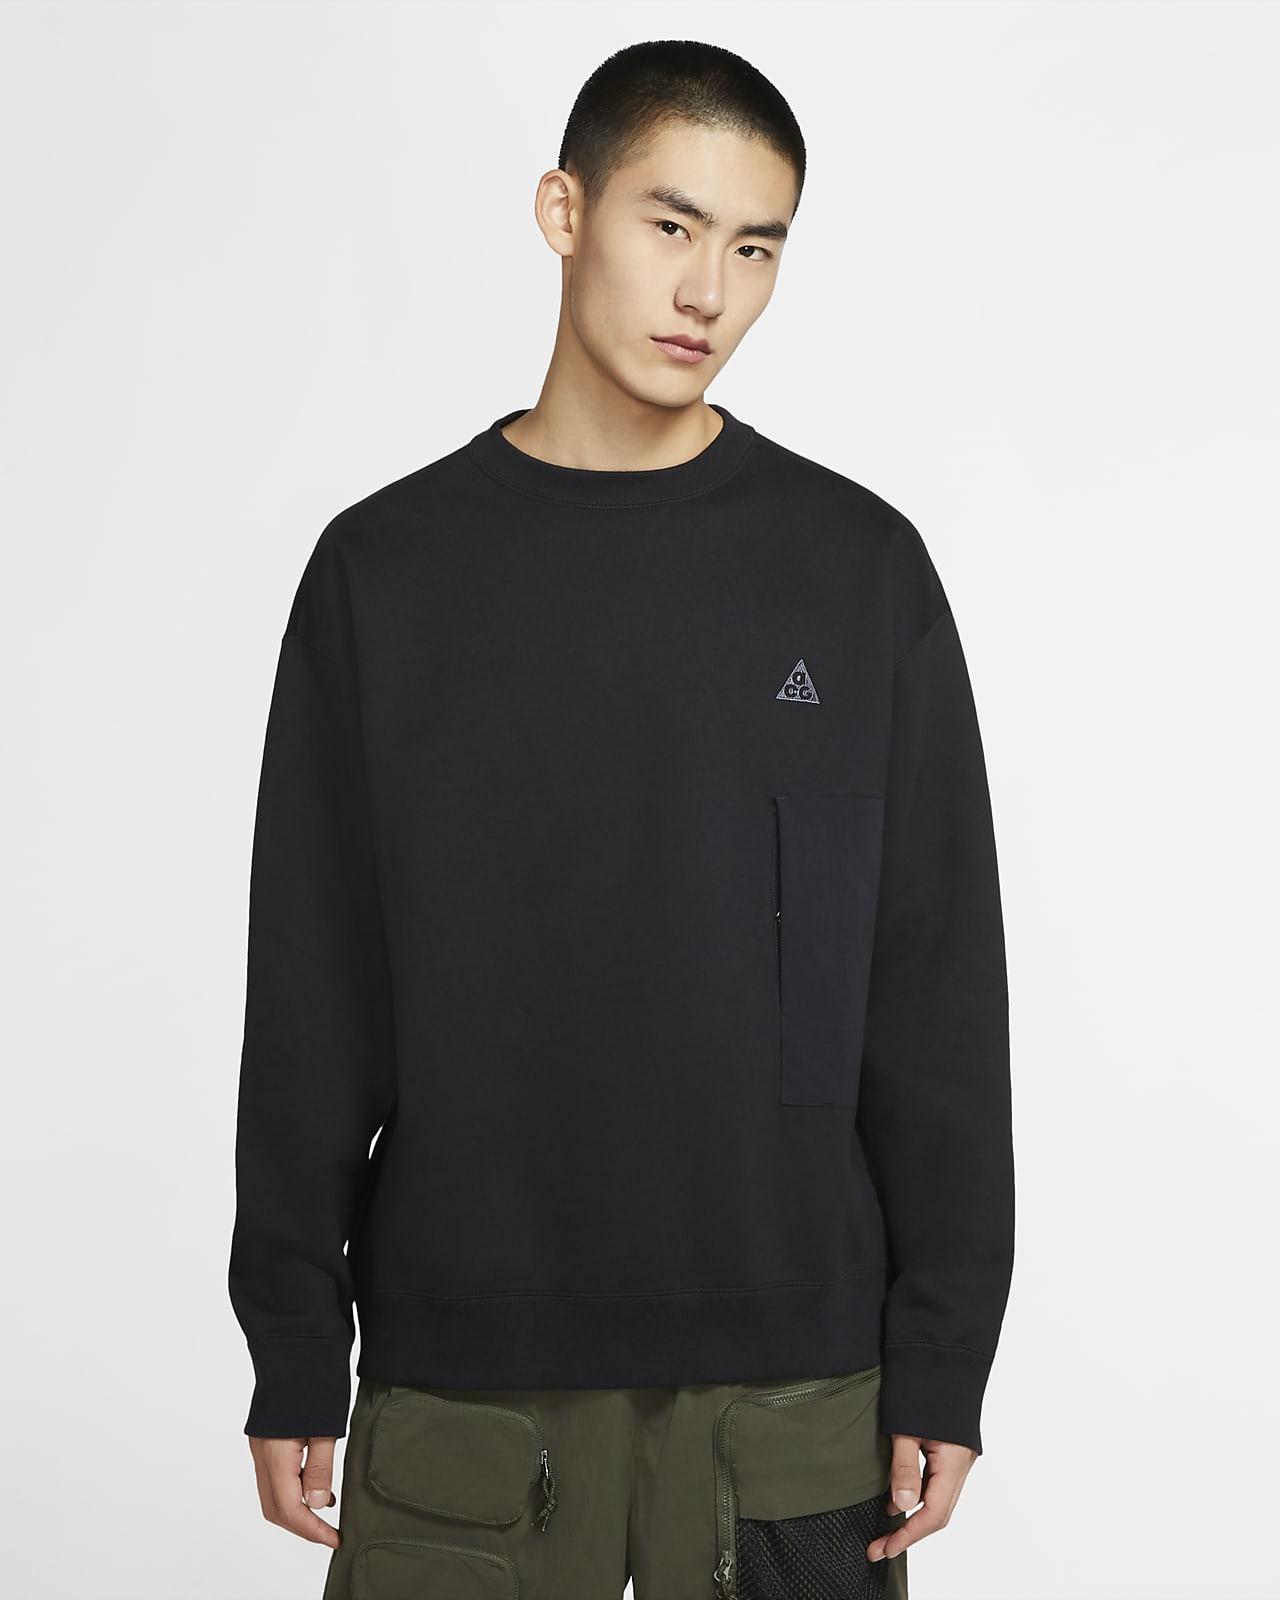 Nike ACG Men's Fleece Crew Sweatshirt